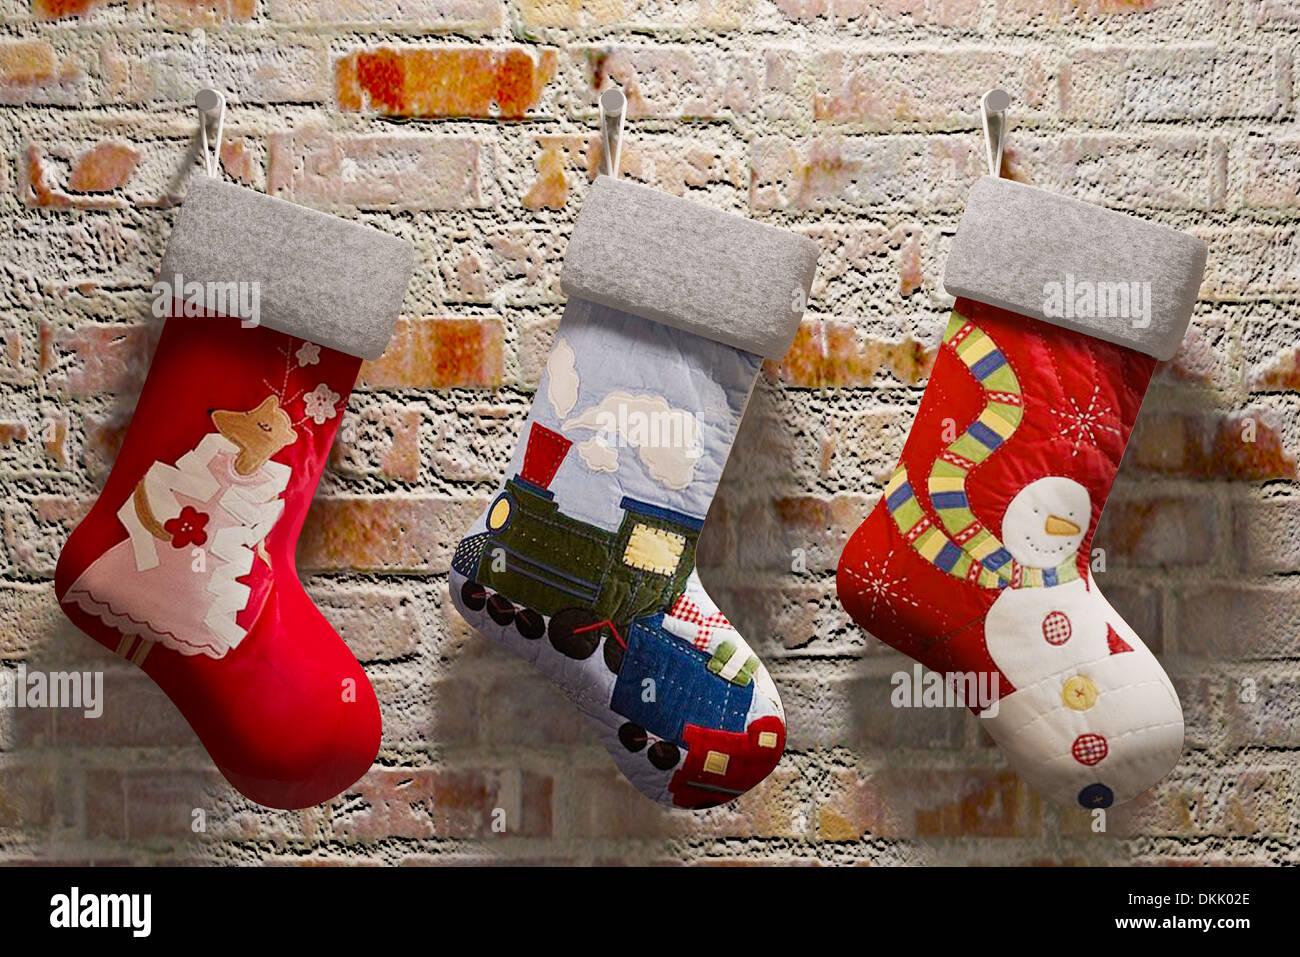 Weihnachten Socken an die Wand hängen Stockfoto, Bild: 63726726 - Alamy